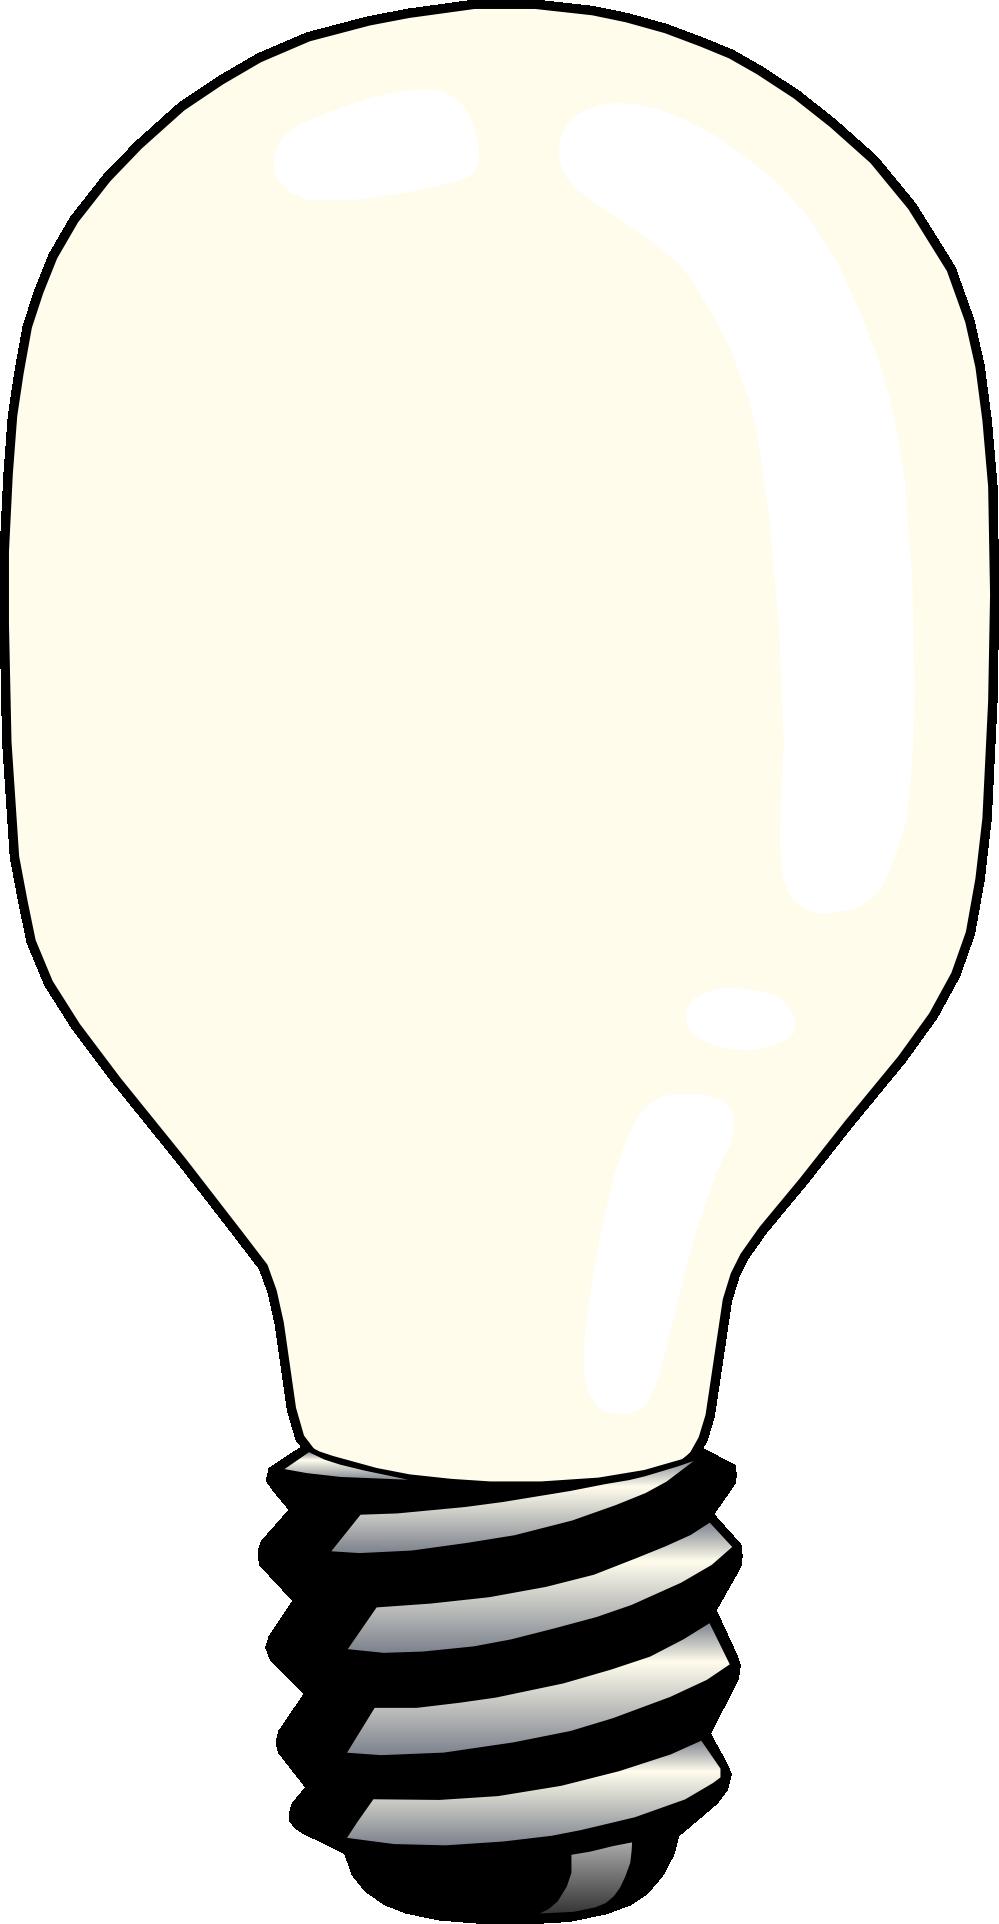 Cfl light clip art. Cotton clipart bulb